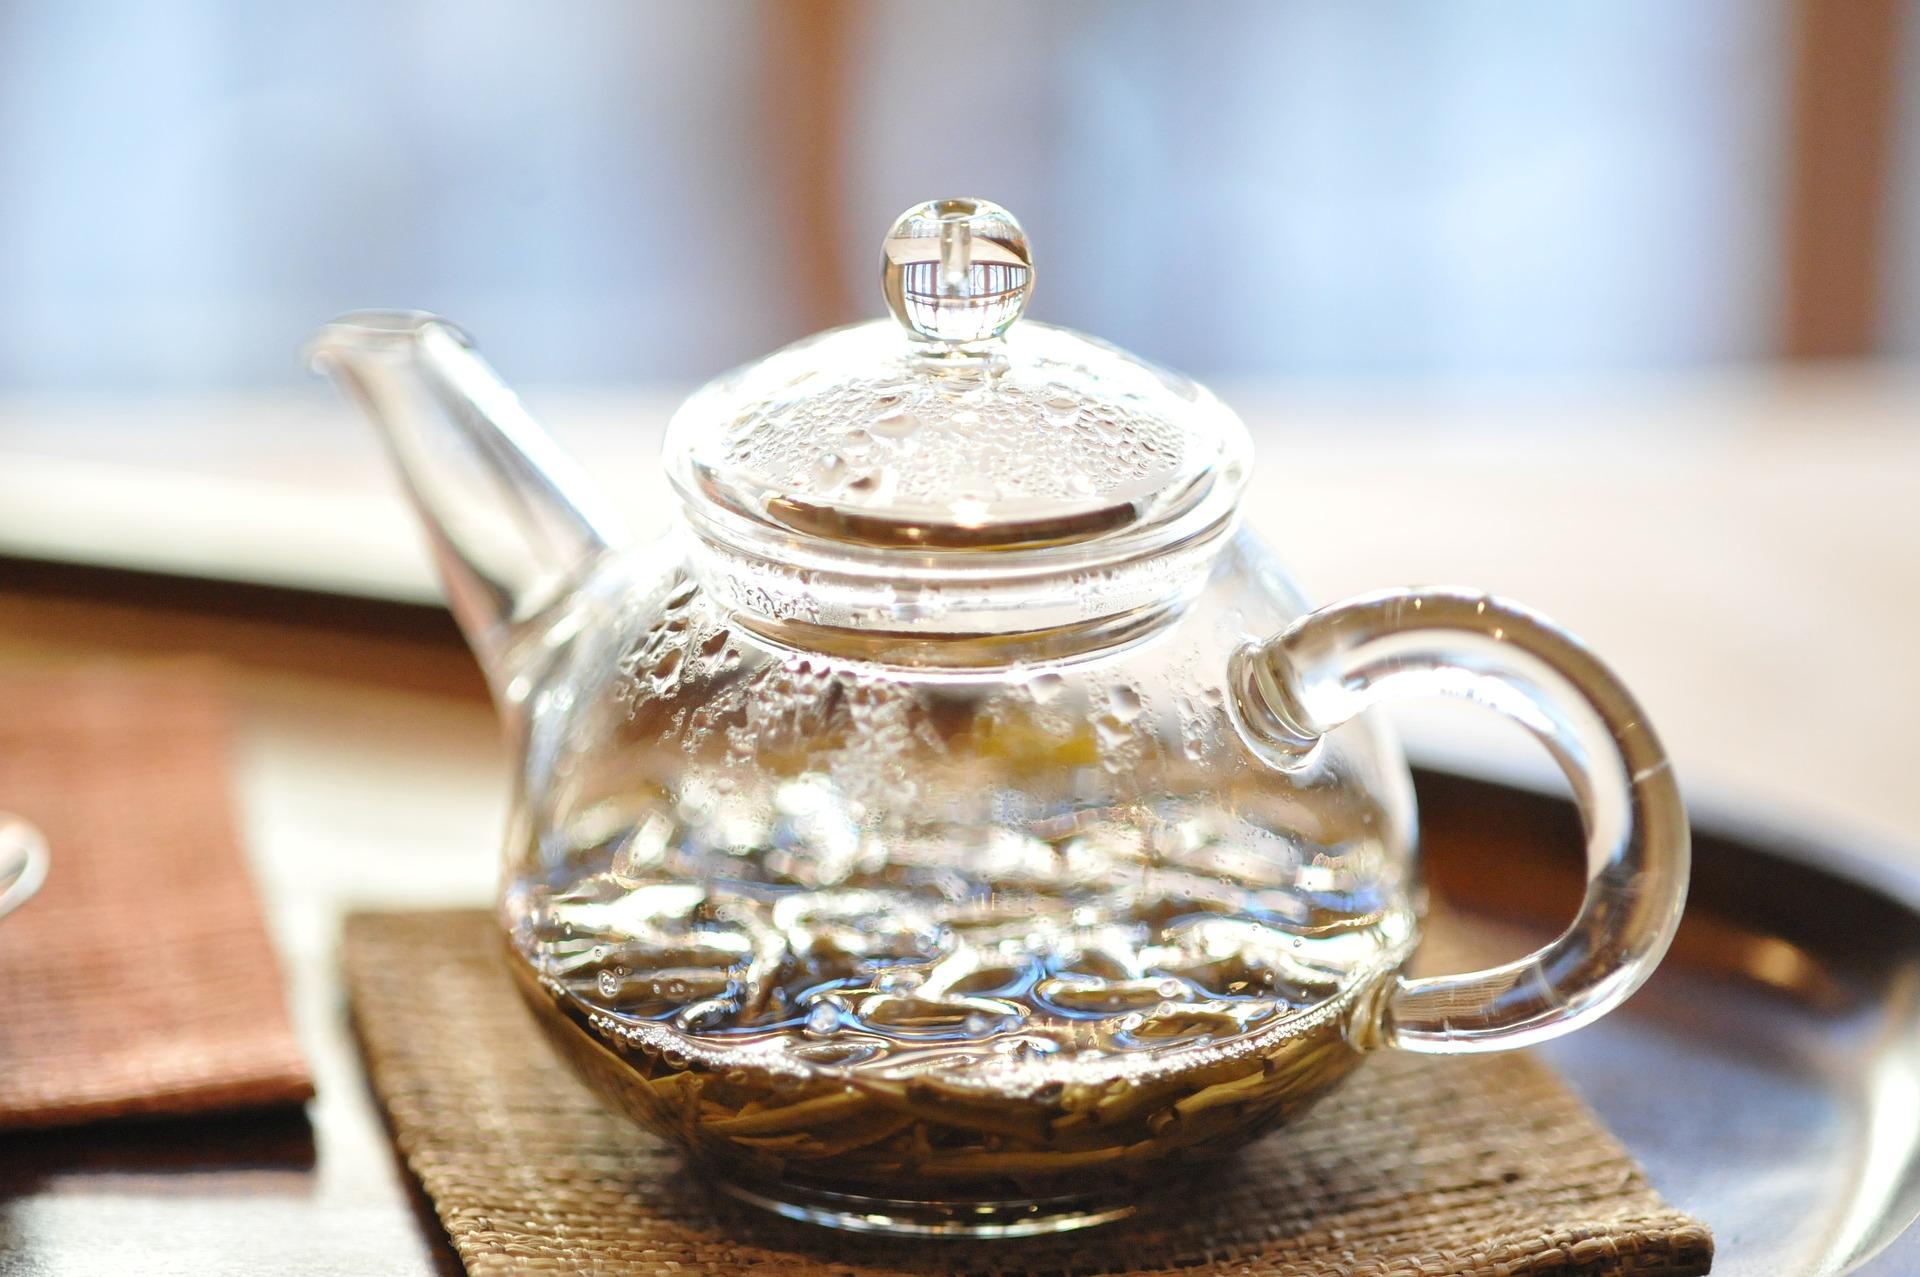 tea-utensil-459344_1920